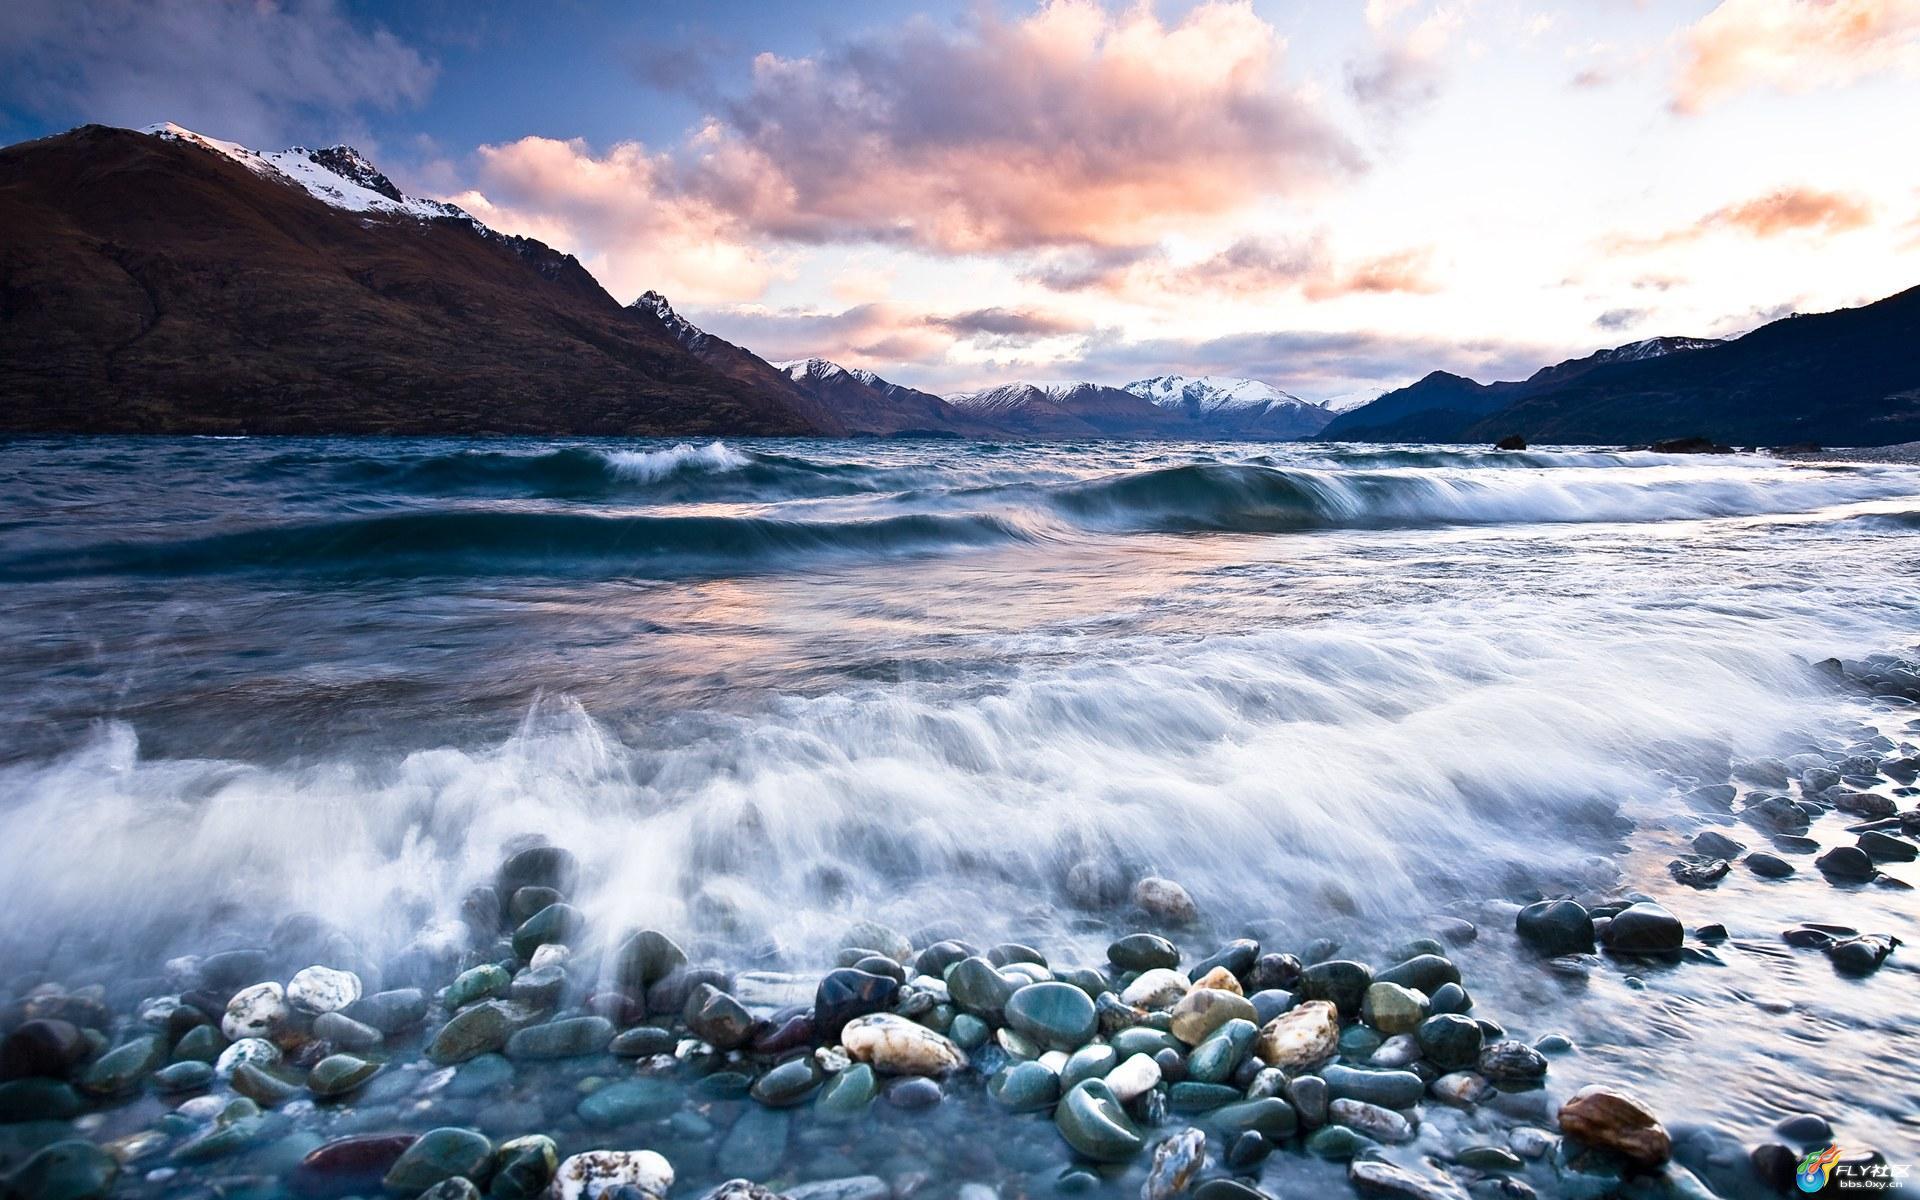 新西兰雪山湖泊[31p]